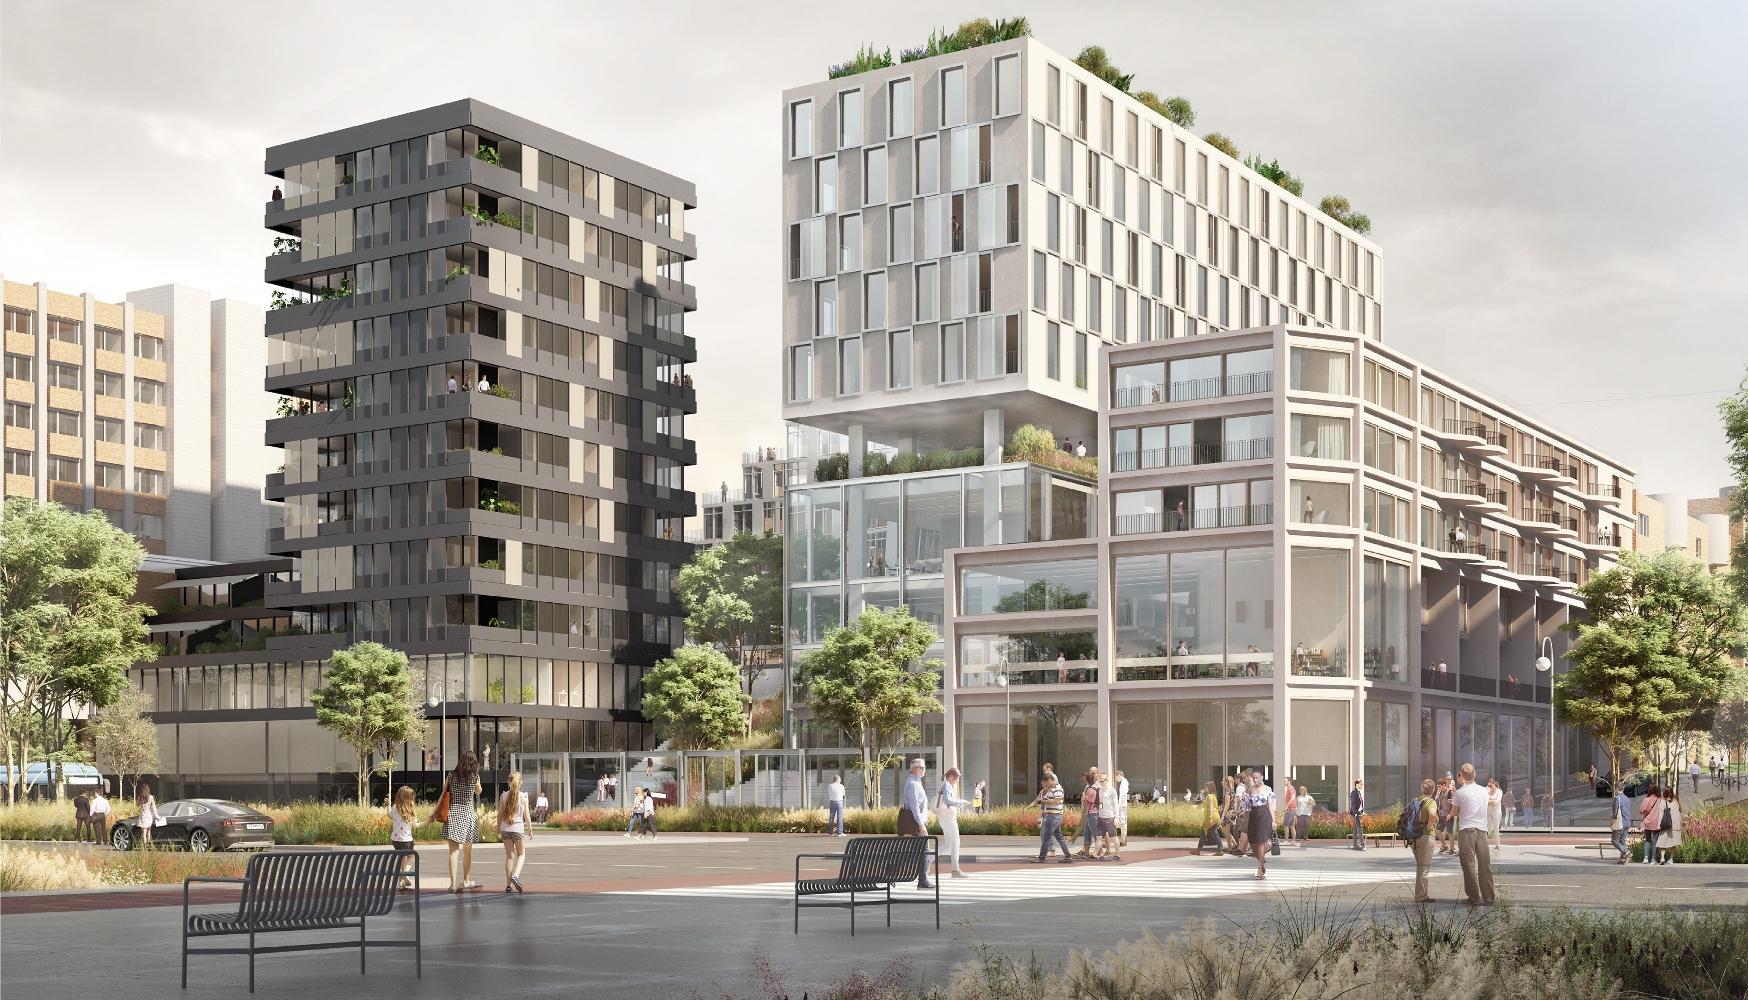 Vue du futur bâtiment @Quadral